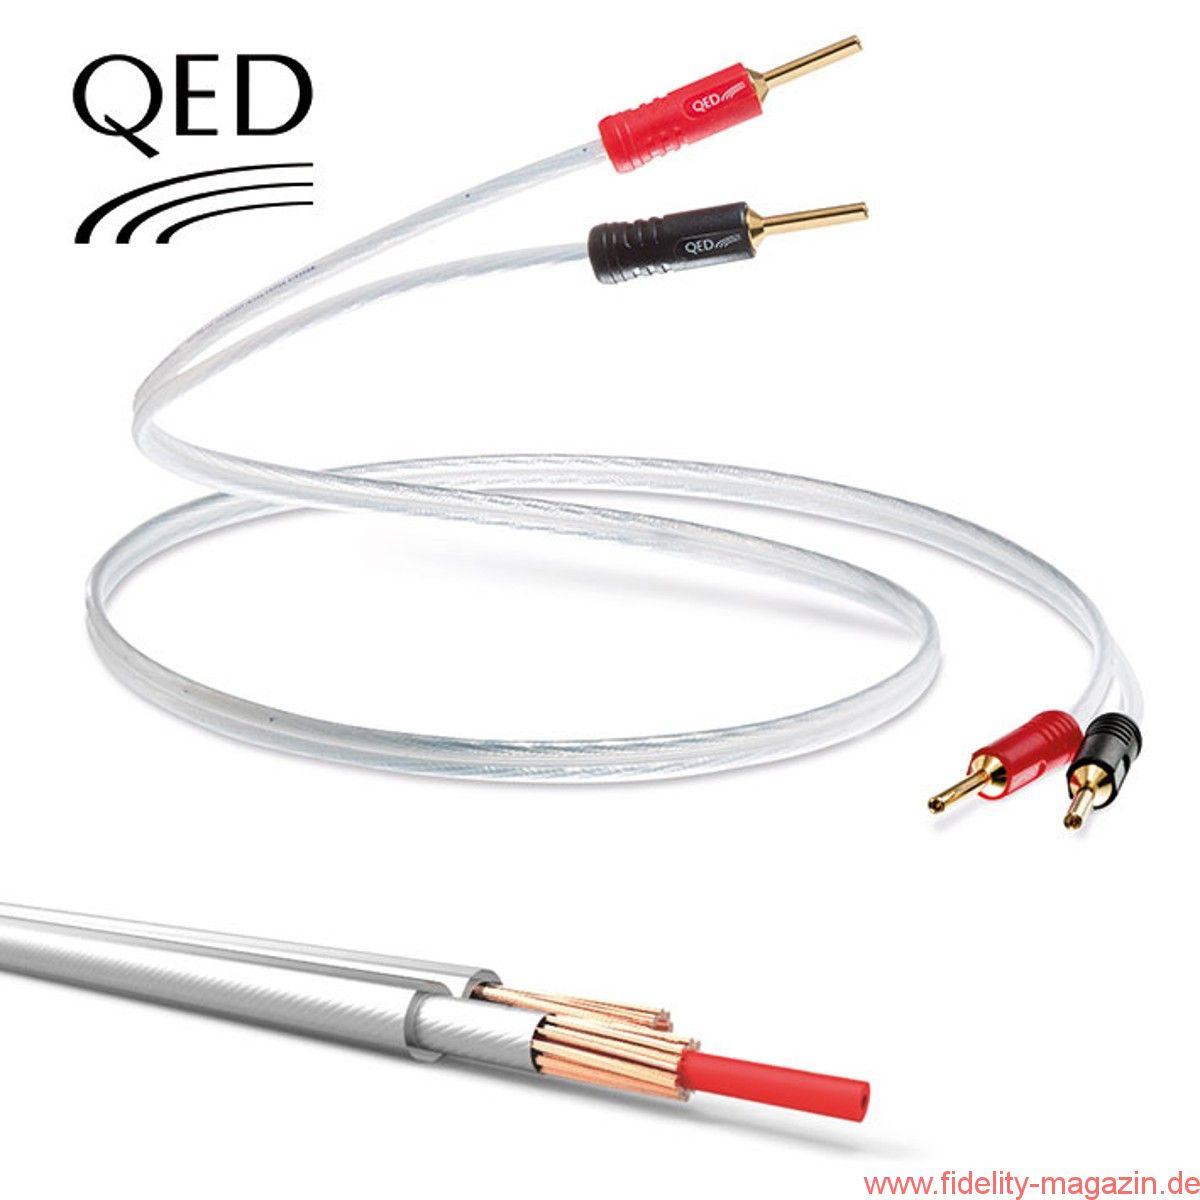 QED präsentiert Hi Tech-Lautsprecherkabel Performance XT25 ...